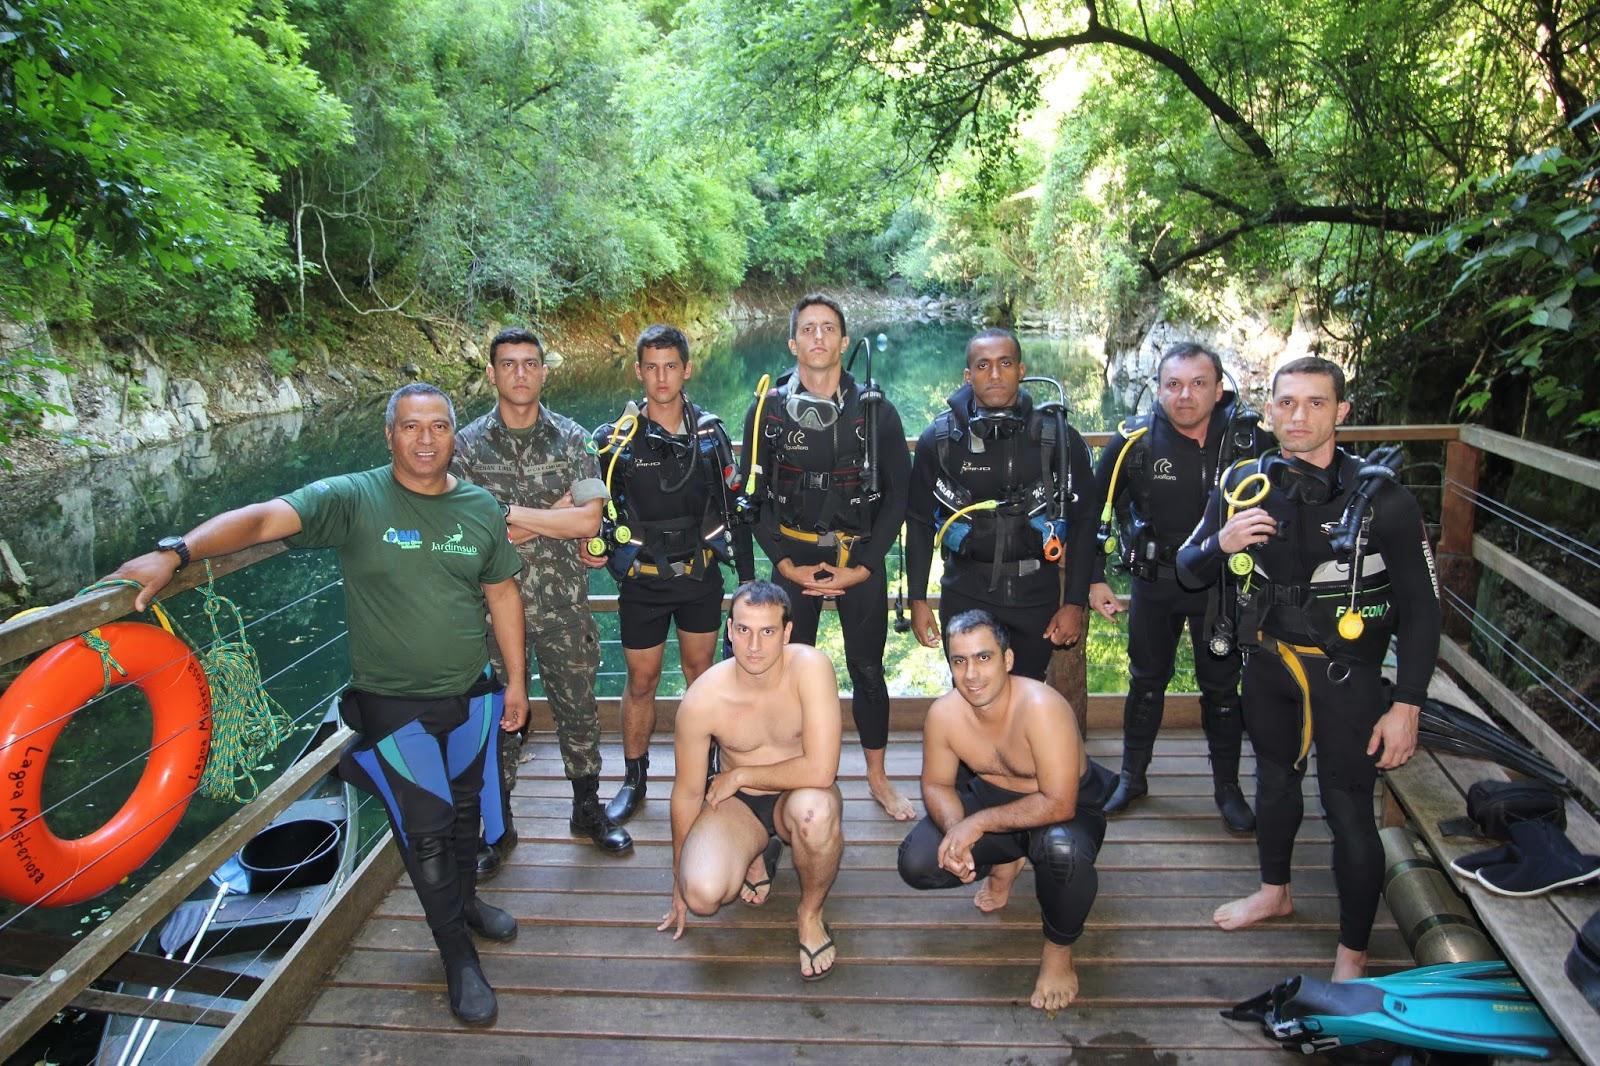 Militares mergulhadores realizam treinamento na Lagoa Misteriosa